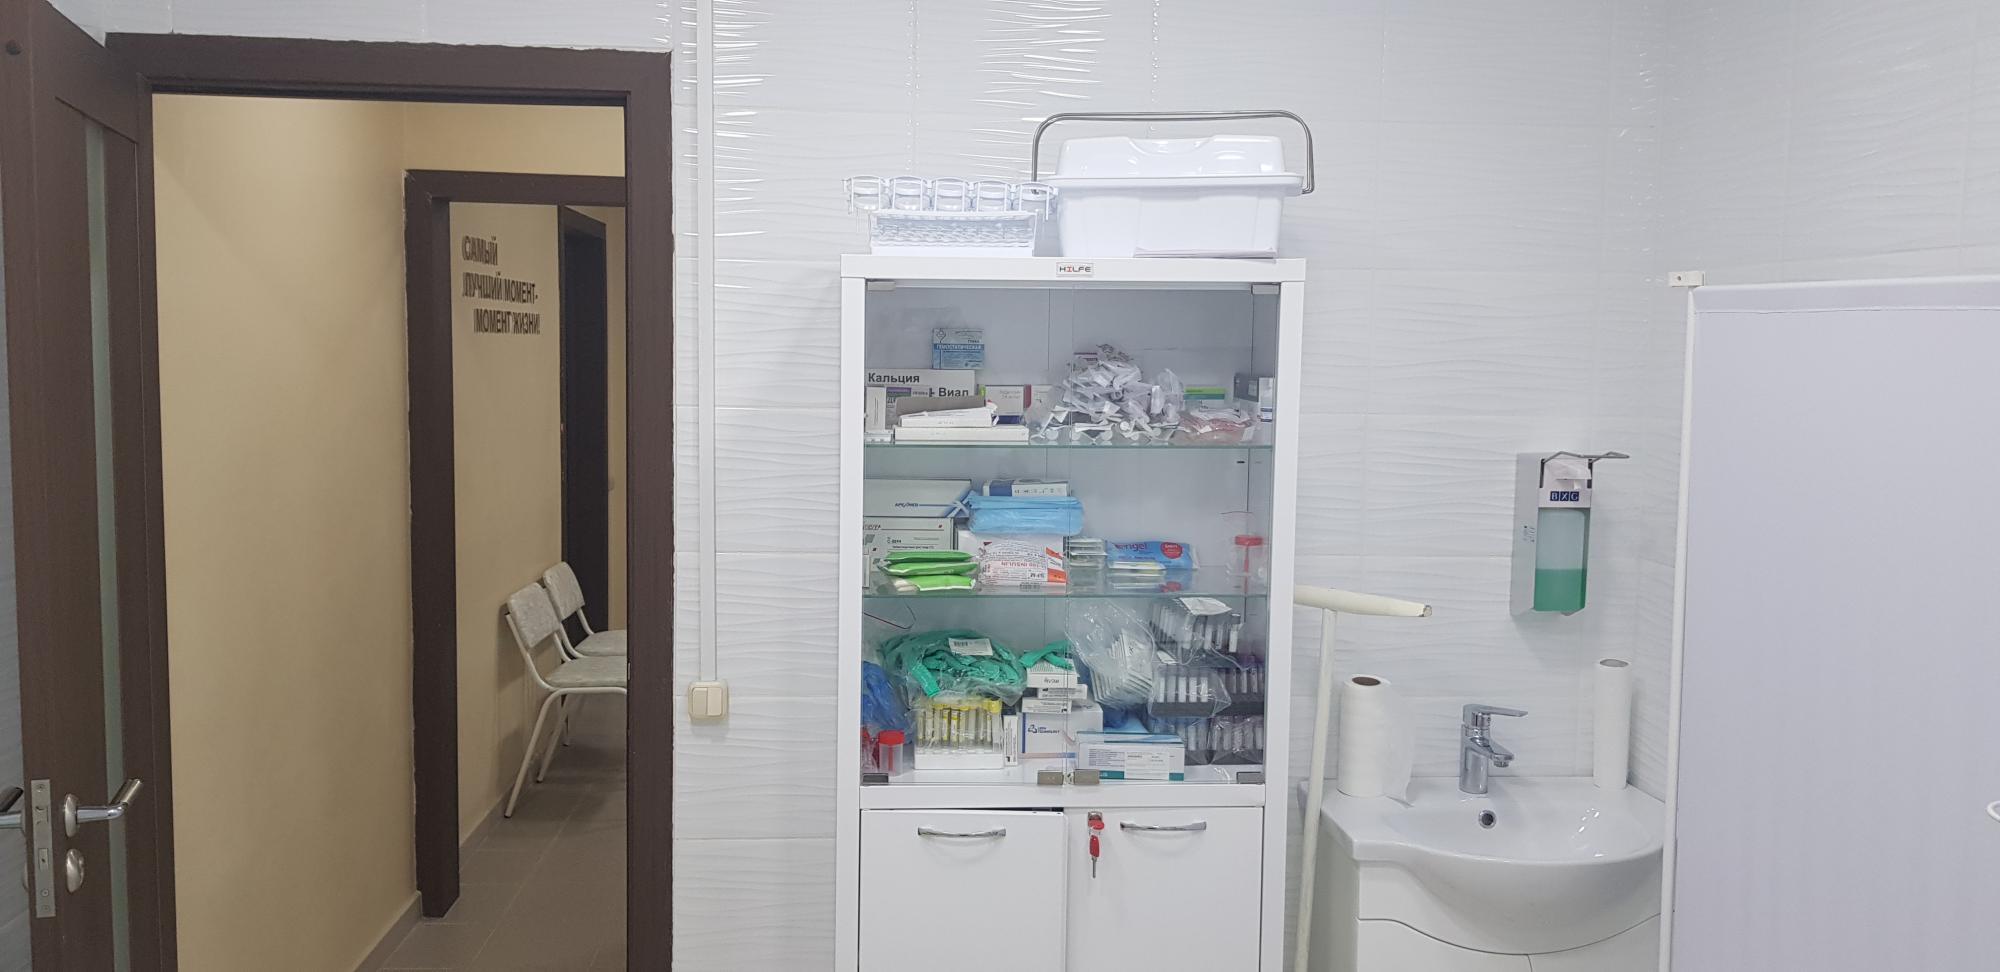 Прибыльная рабочая мед.клиника с помещением и ппа в Москве 89269390404 купить 5